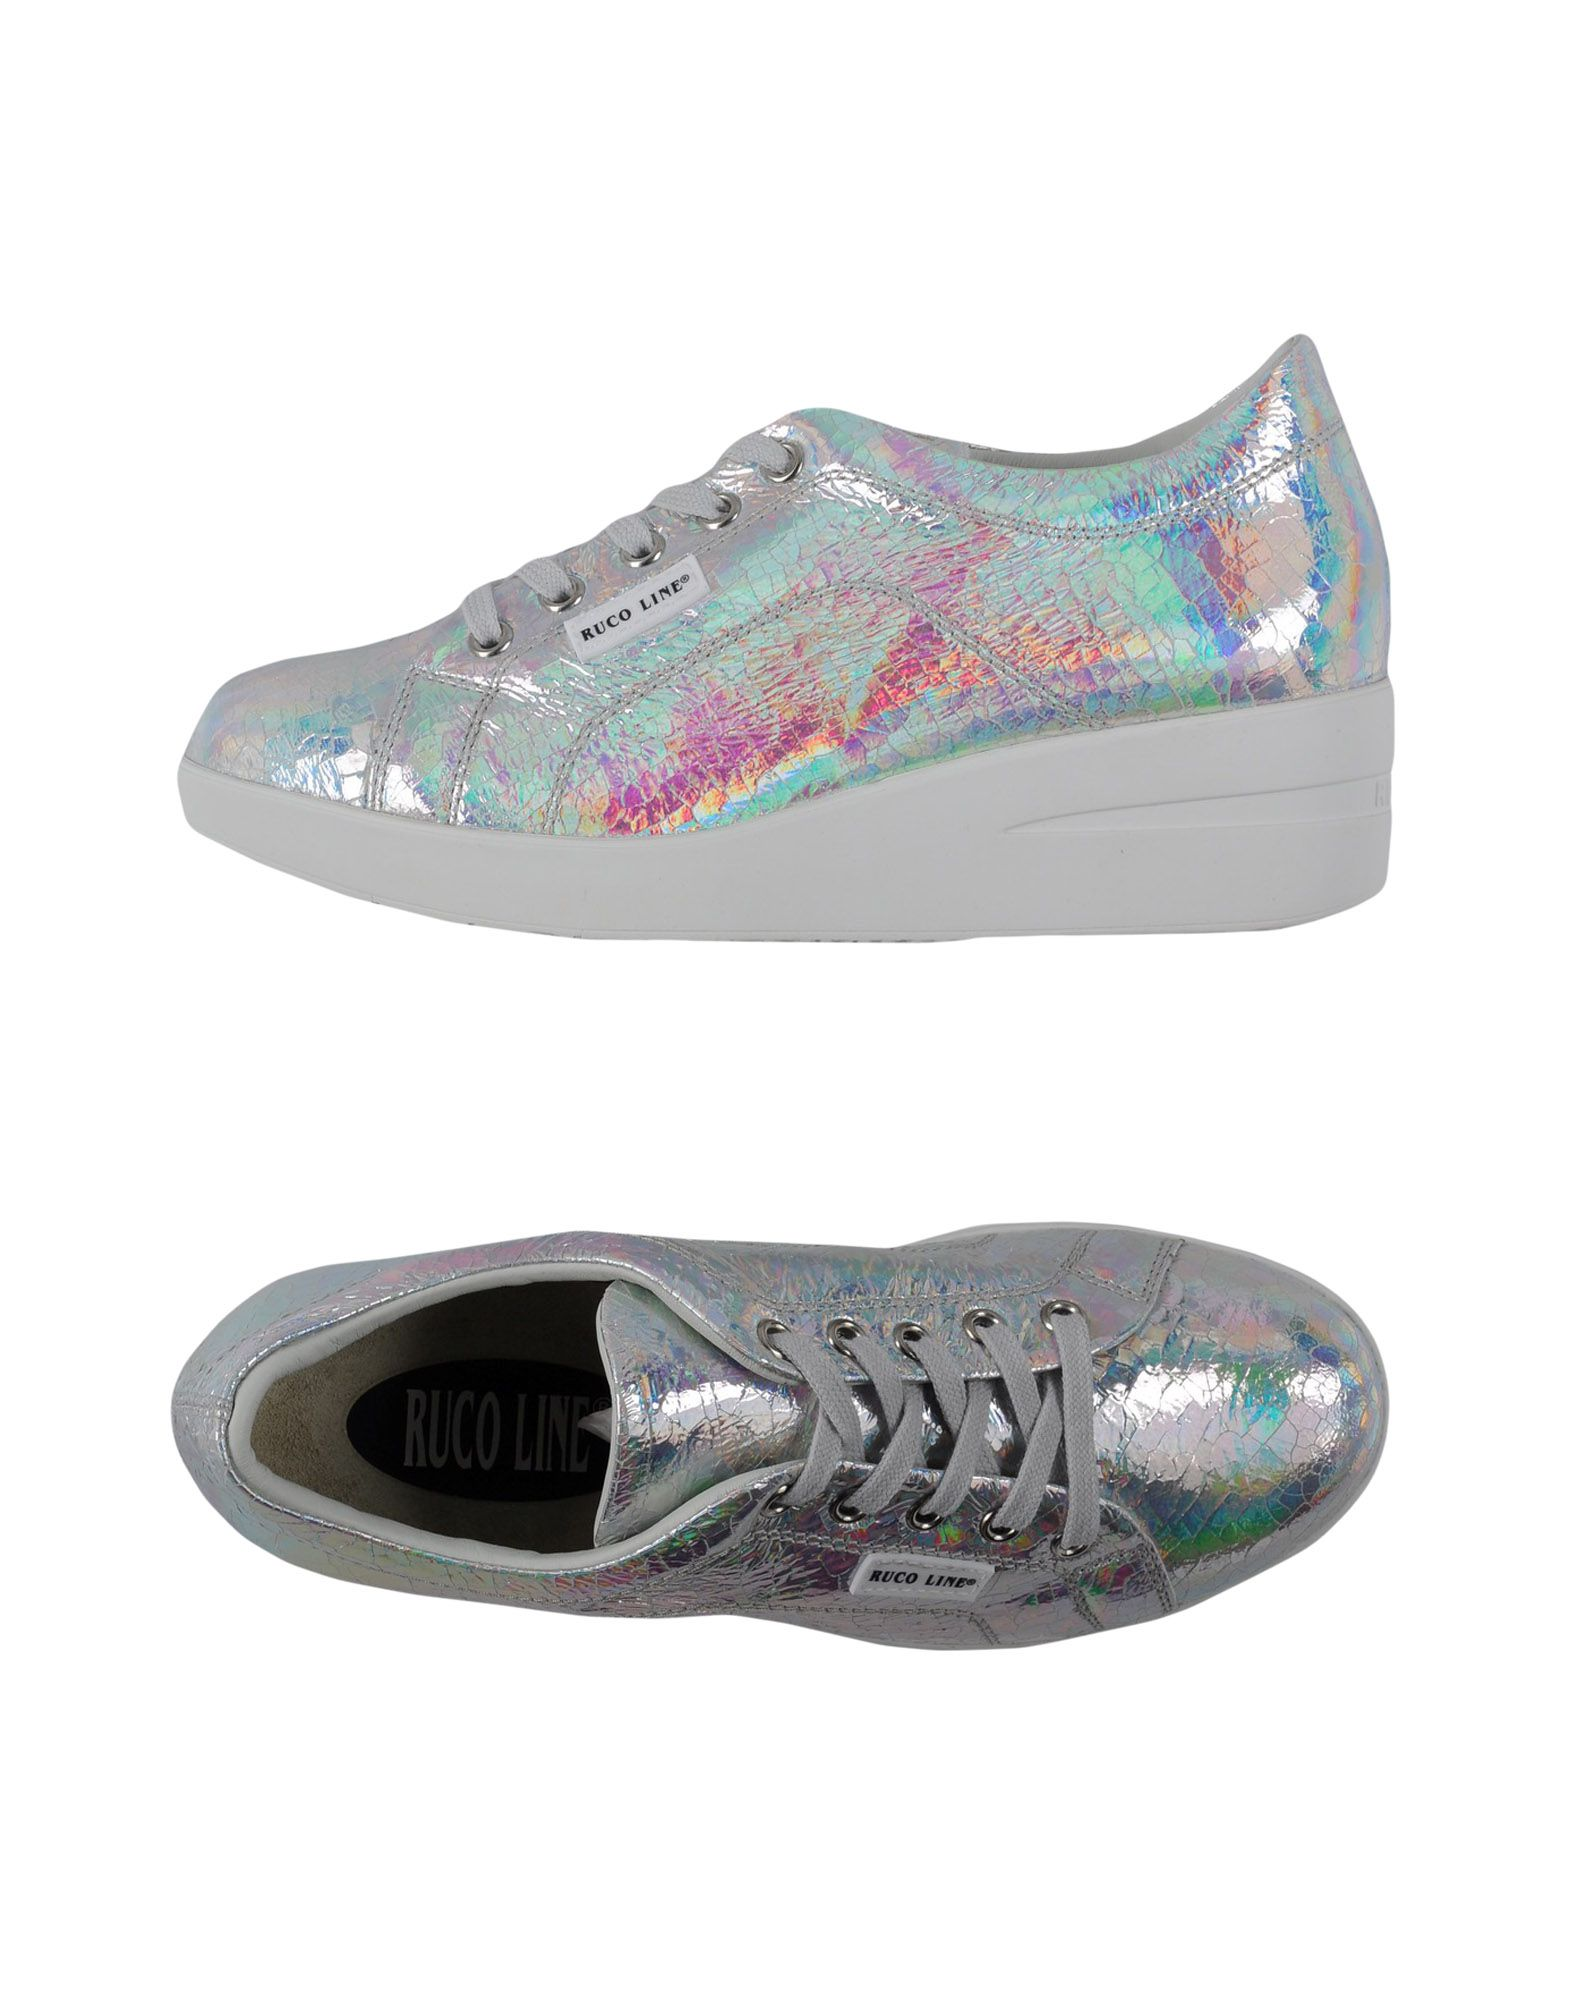 Ruco Line Sneakers Damen  11334821UK Gute beliebte Qualität beliebte Gute Schuhe 216f4a